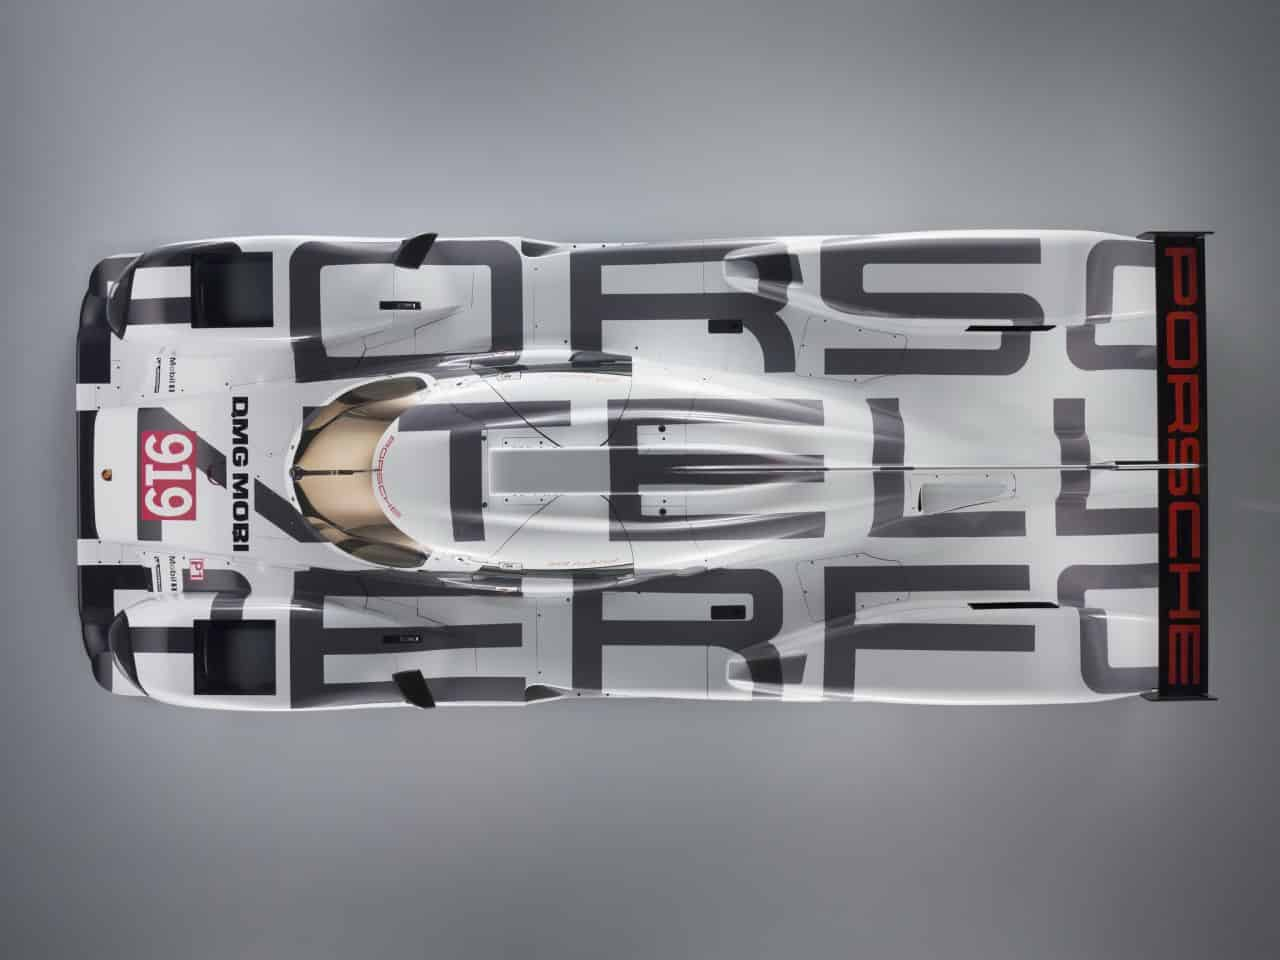 Originale la nouvelle Porsche 919 Hybrid. La marque allemande, qui fait cette année son retour au sommet de l'endurance et ambitionne de remporter les 24 Heures du Mans, vient de dévoiler la décoration de sa voiture. Du blanc, du gris, du noir. La nouvelle Porsche de la catégorie LMP1 joue dans la sobriété. Au premier […]